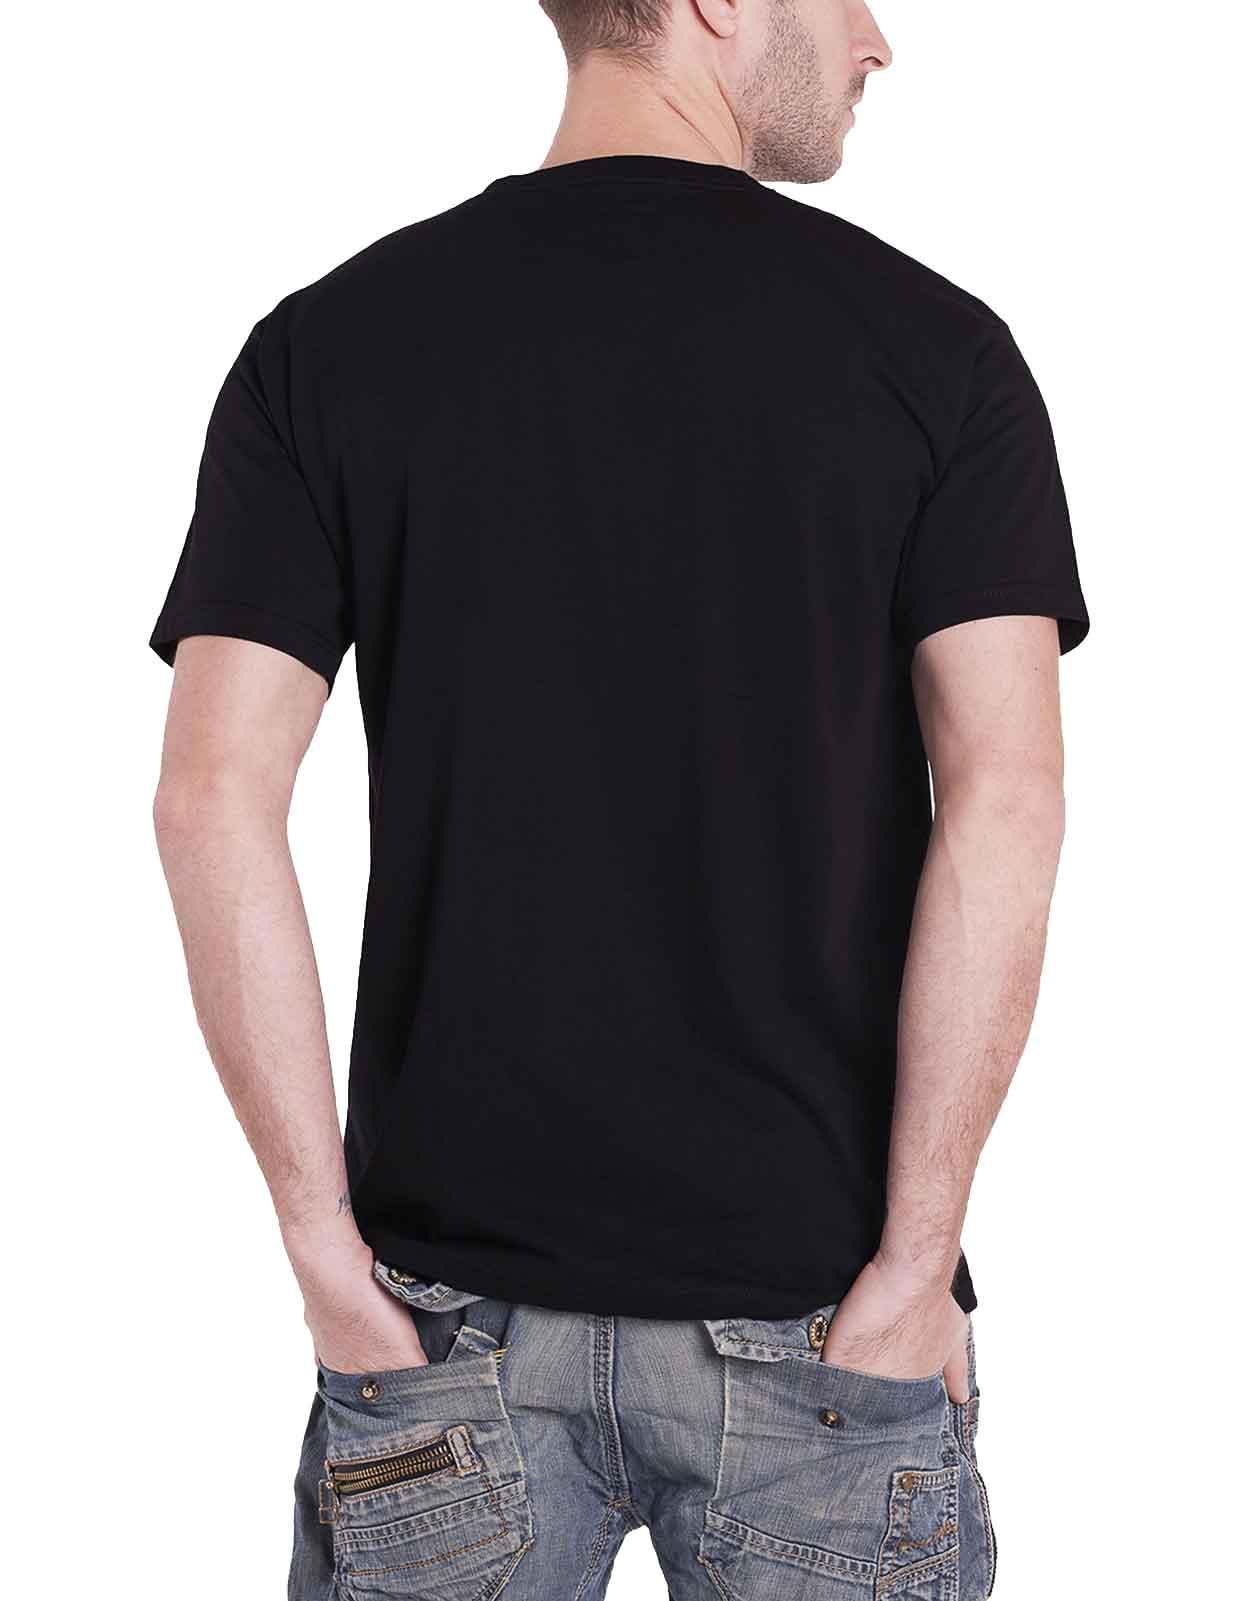 Motorhead-T-Shirt-Lemmy-RIP-England-warpig-clean-your-clock-official-new-mens miniature 25